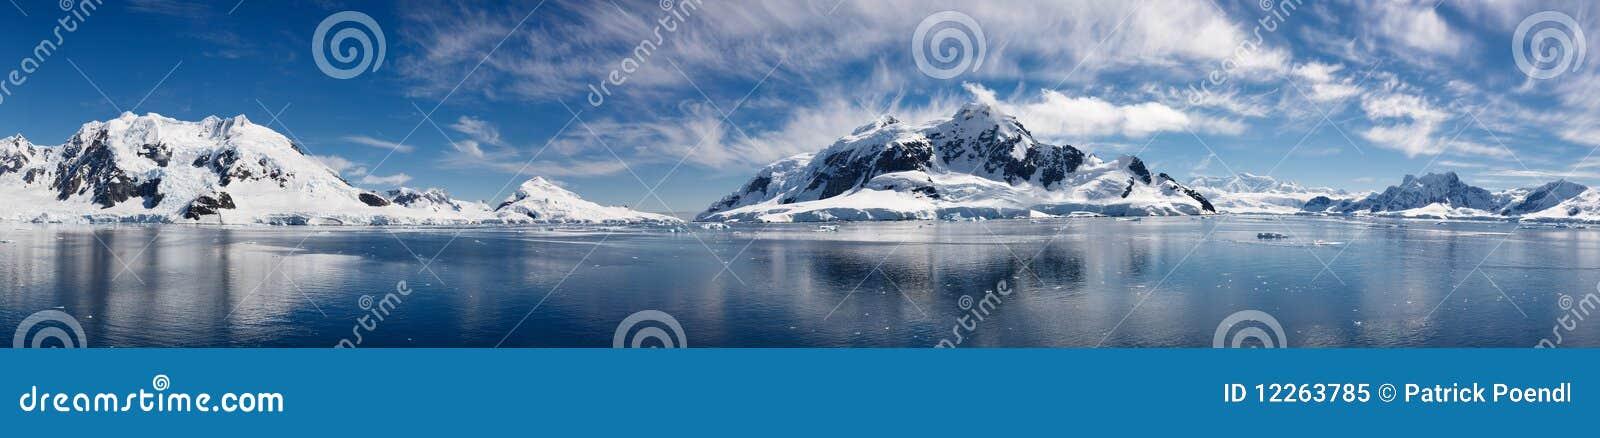 Paradies-Schacht, Antarktik - majestätisches eisiges Märchenland